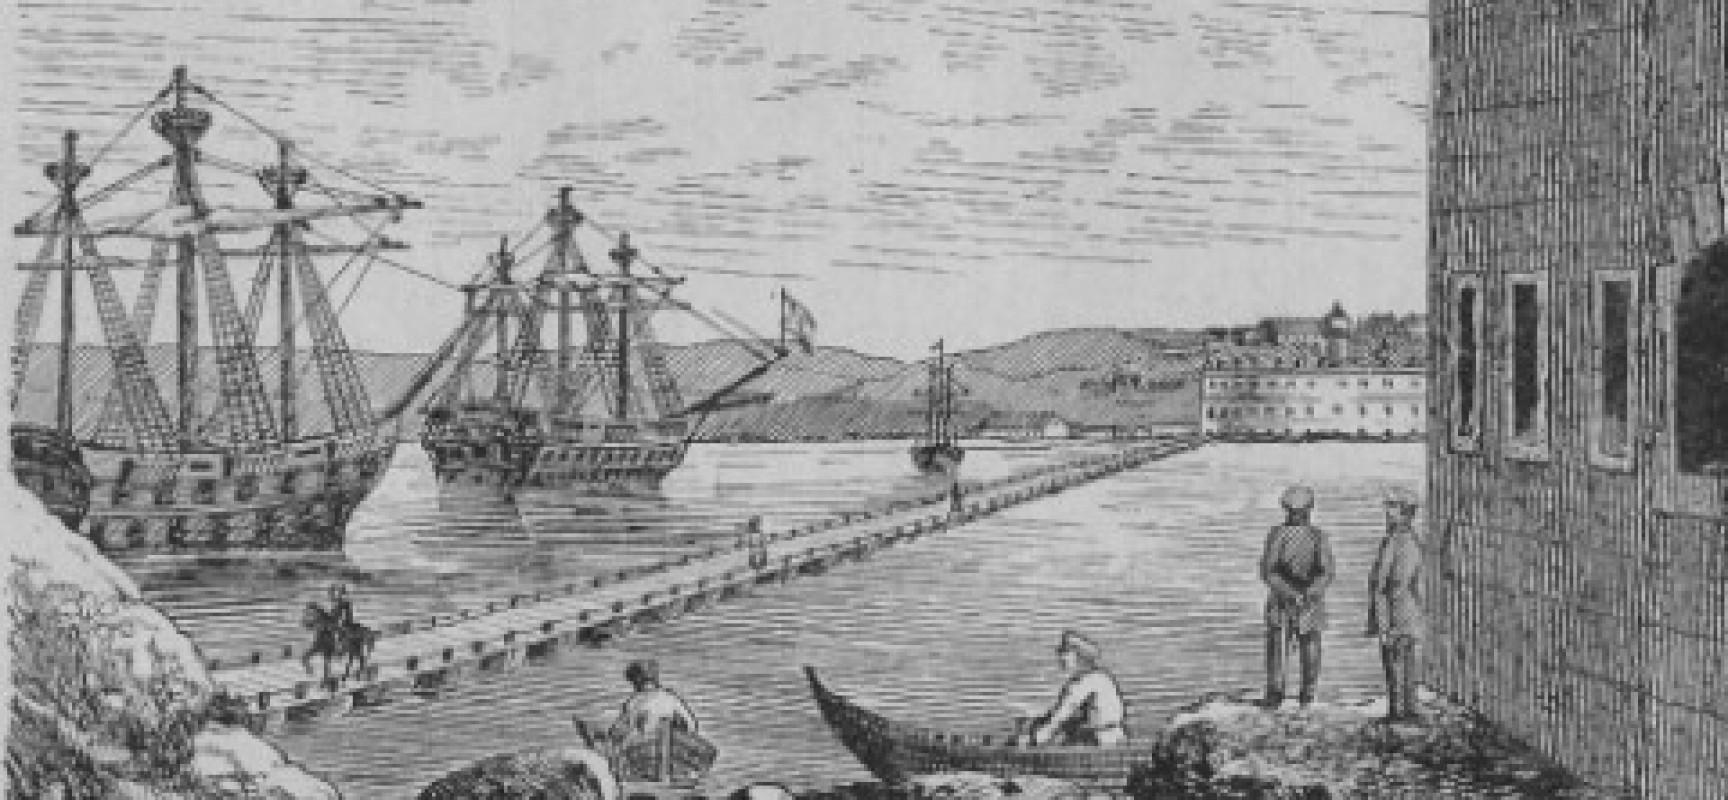 Понтонный мост через Севастопольскую бухту